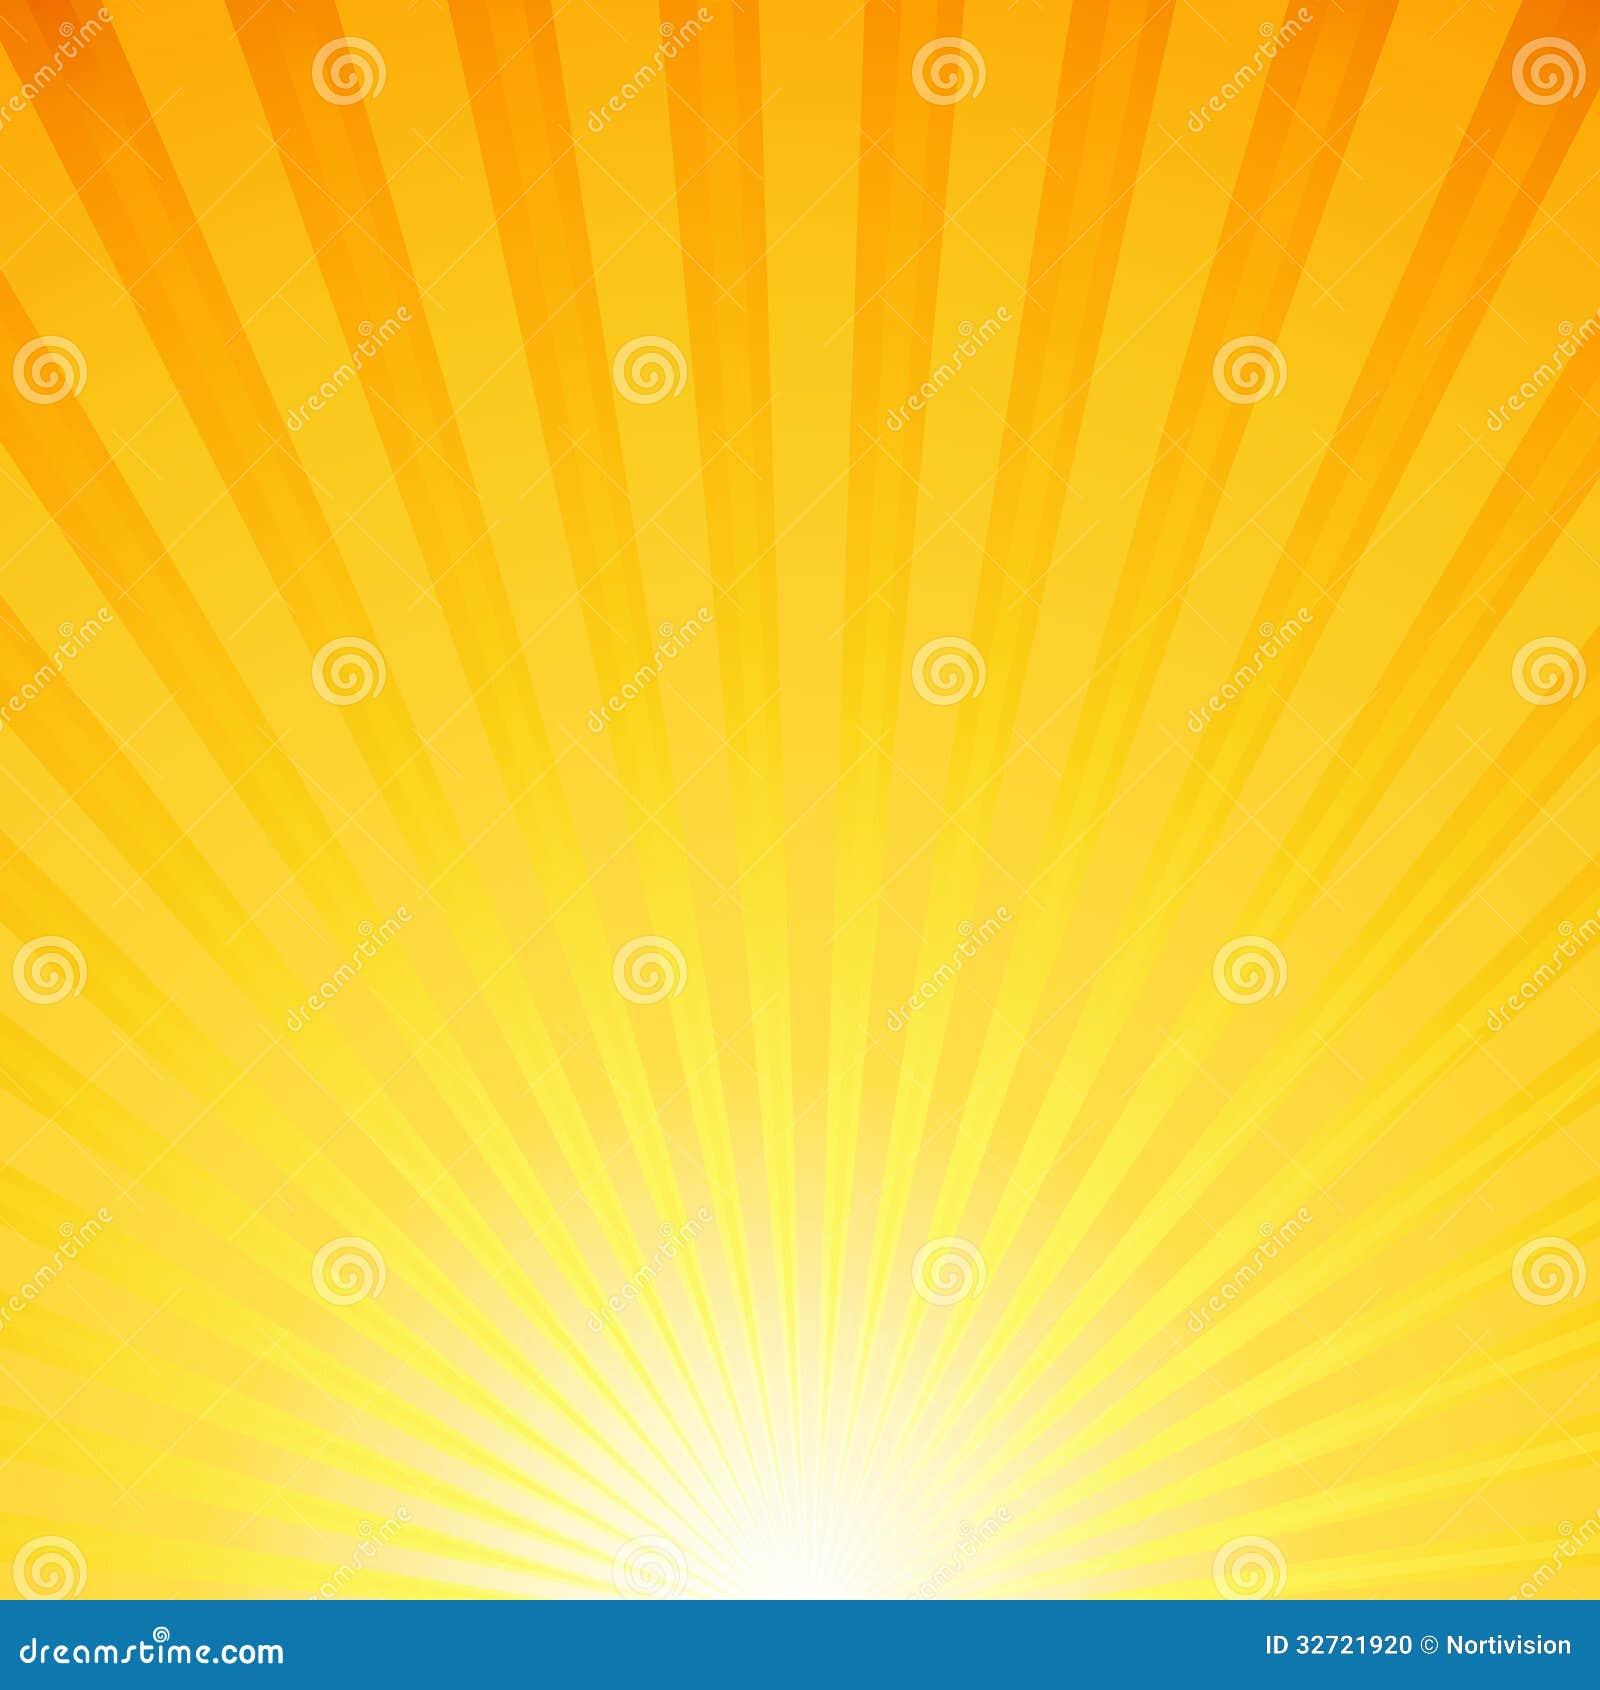 Fondo con los rayos del sol foto de archivo imagen 32721920 for Fondo del sol